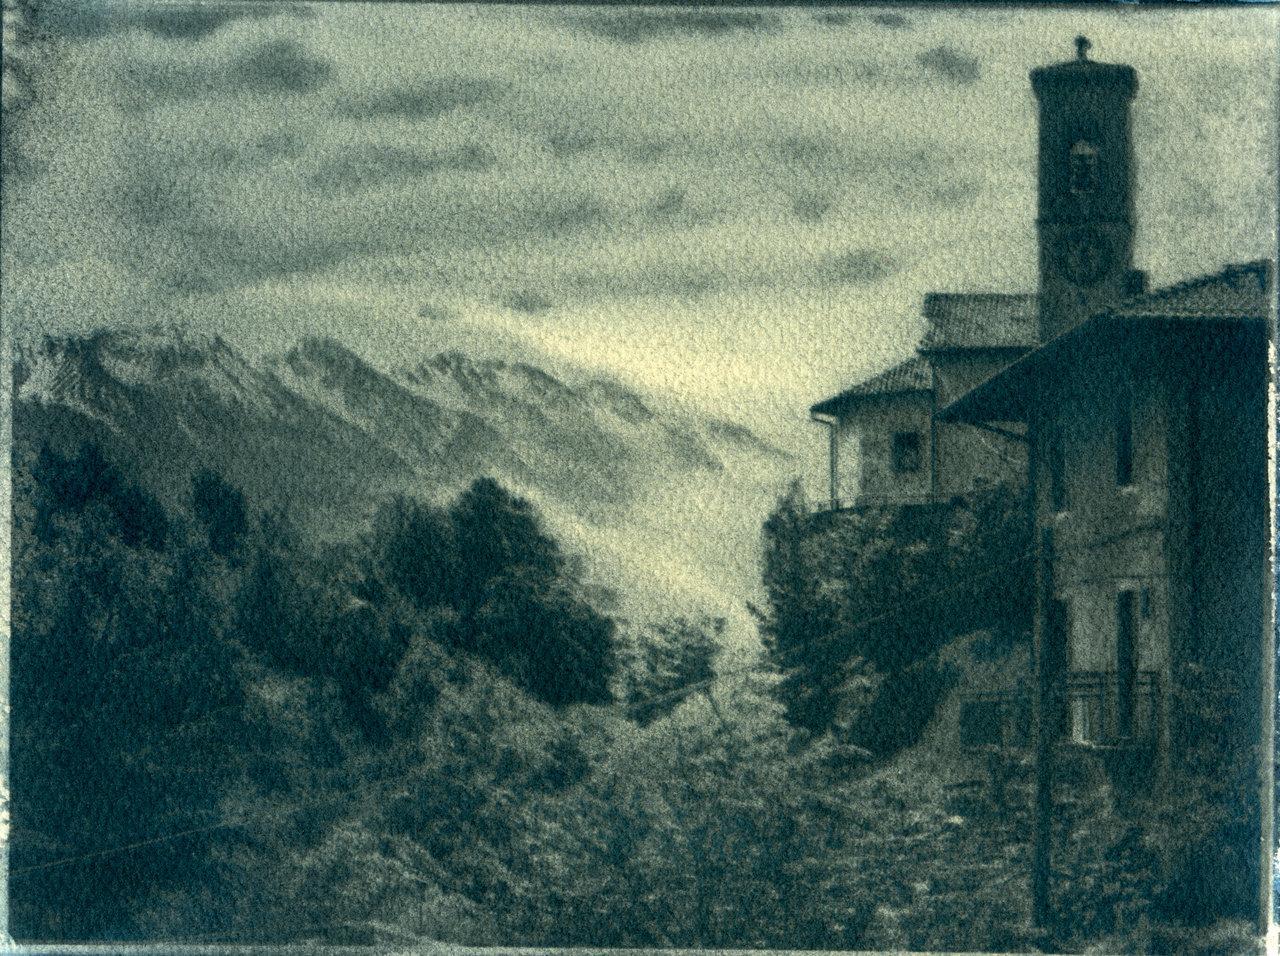 Pregasina-Mte-Baldo-view-1280p.jpg